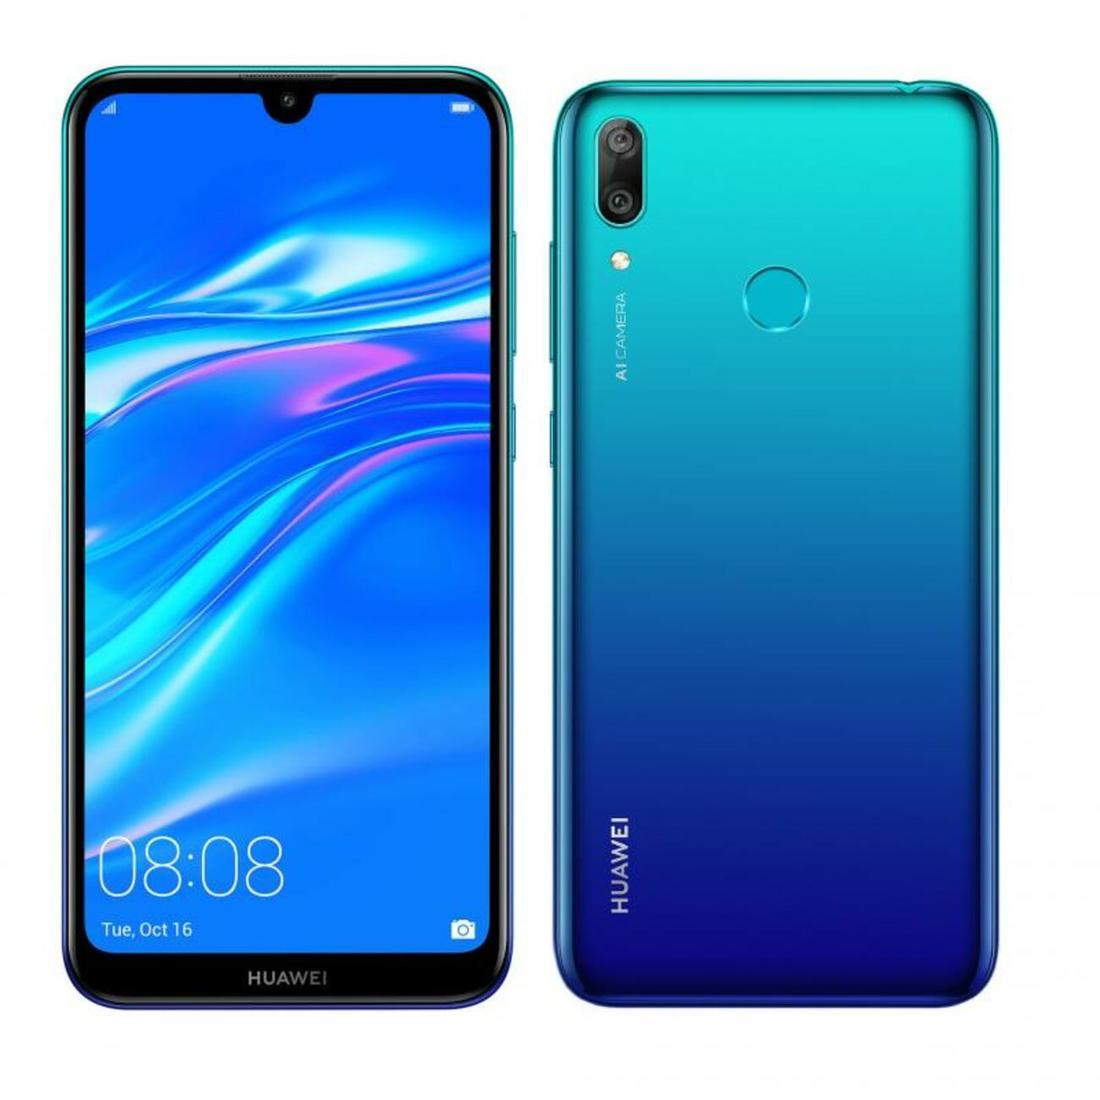 Smartphone Huawei Y7 2019 3GB Ram Tela 6.26 32GB Camera Dupla 13+2MP - Azul